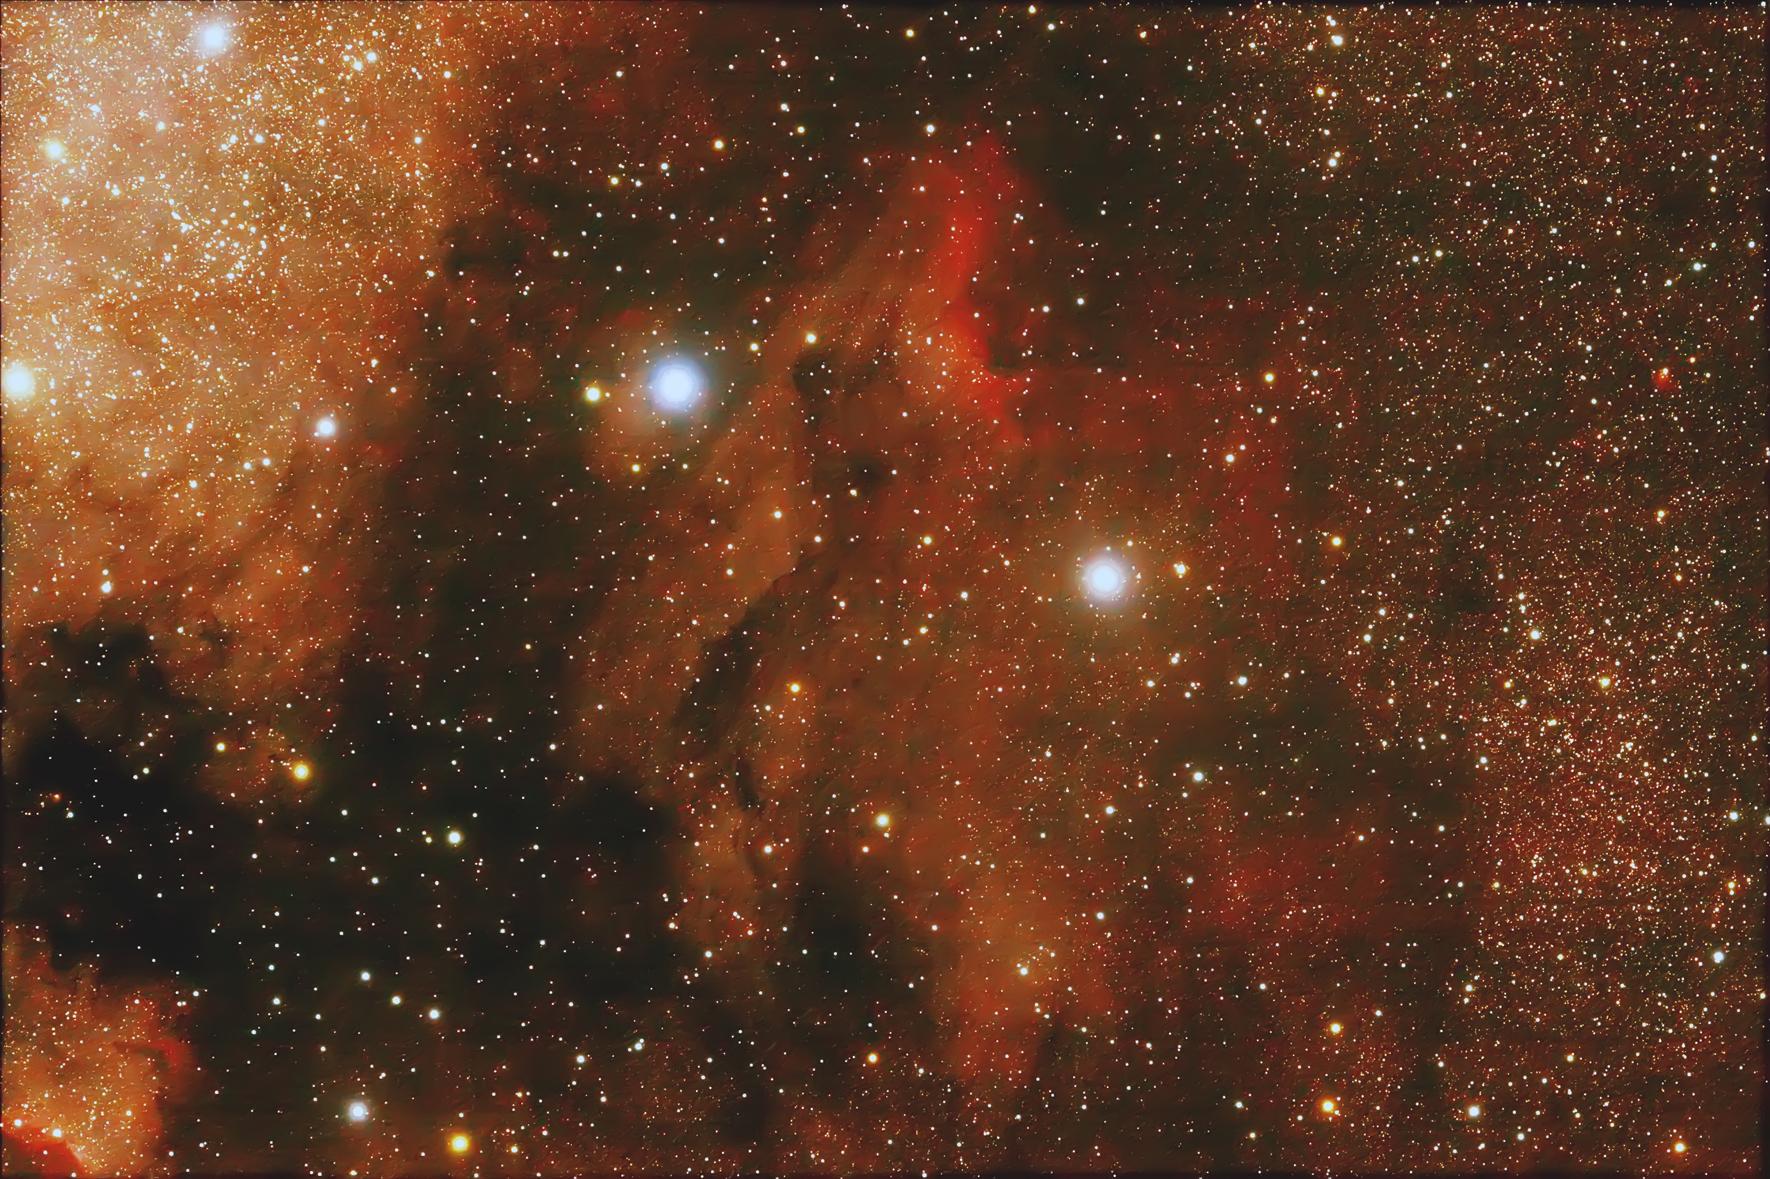 Nebula Wallpaper Hd Pelican Nebula Wikipedia